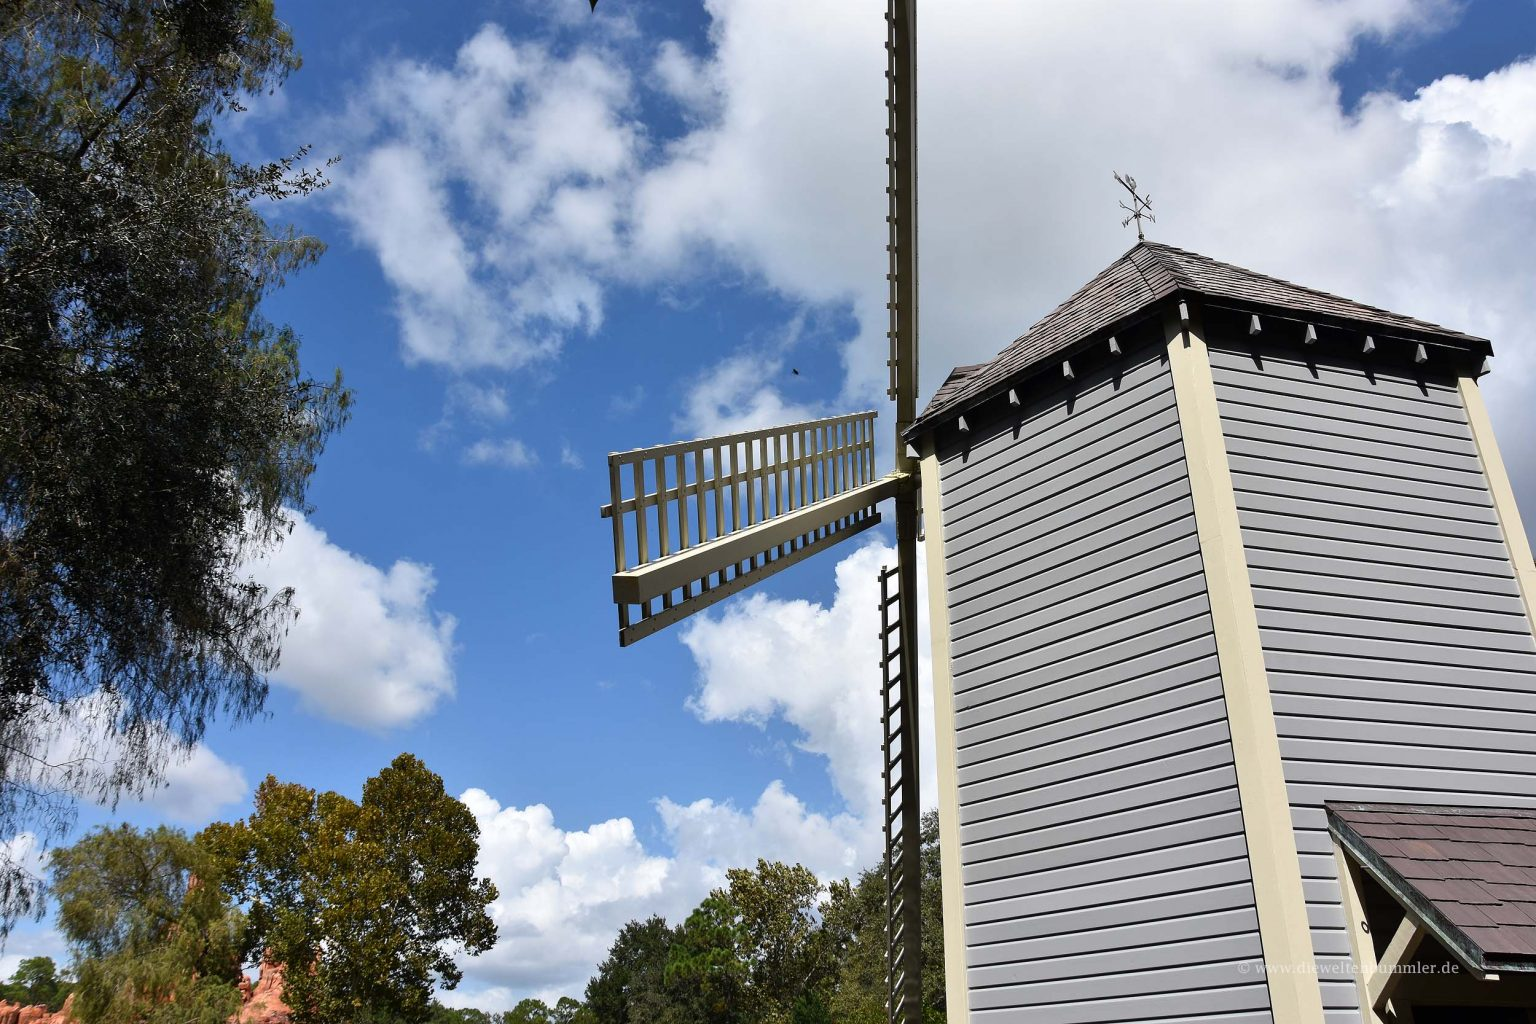 Windmühle auf der Insel von Tom Sawyer